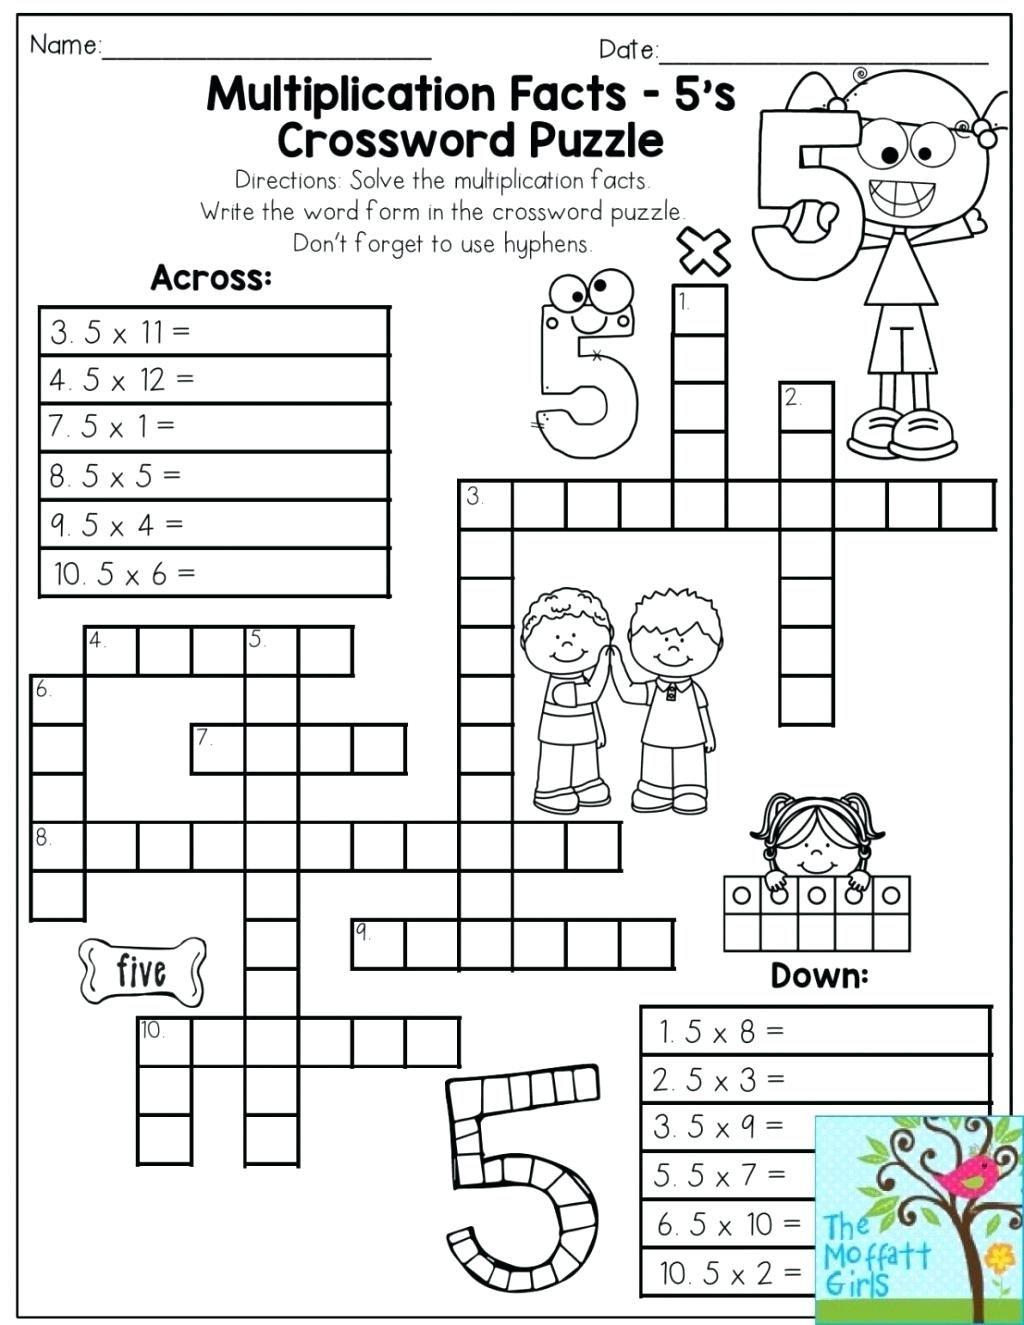 Printable Math Puzzles 5Th Grade Maths Ksheets Middle School Pdf Fun - Printable Math Puzzles Pdf